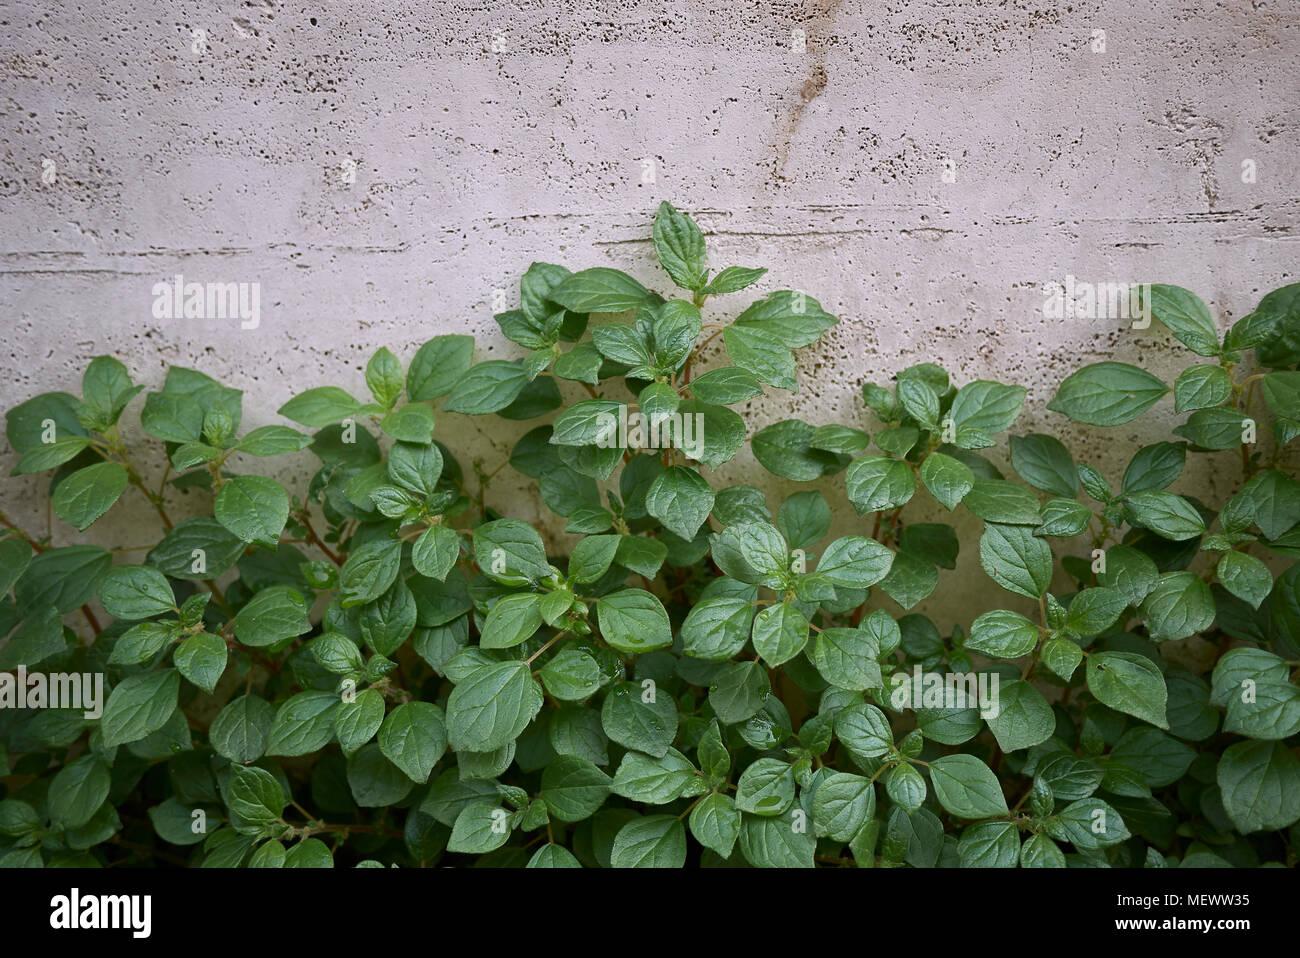 P Lenes De Parietaria Officinalis Plantas Foto Imagen De Stock